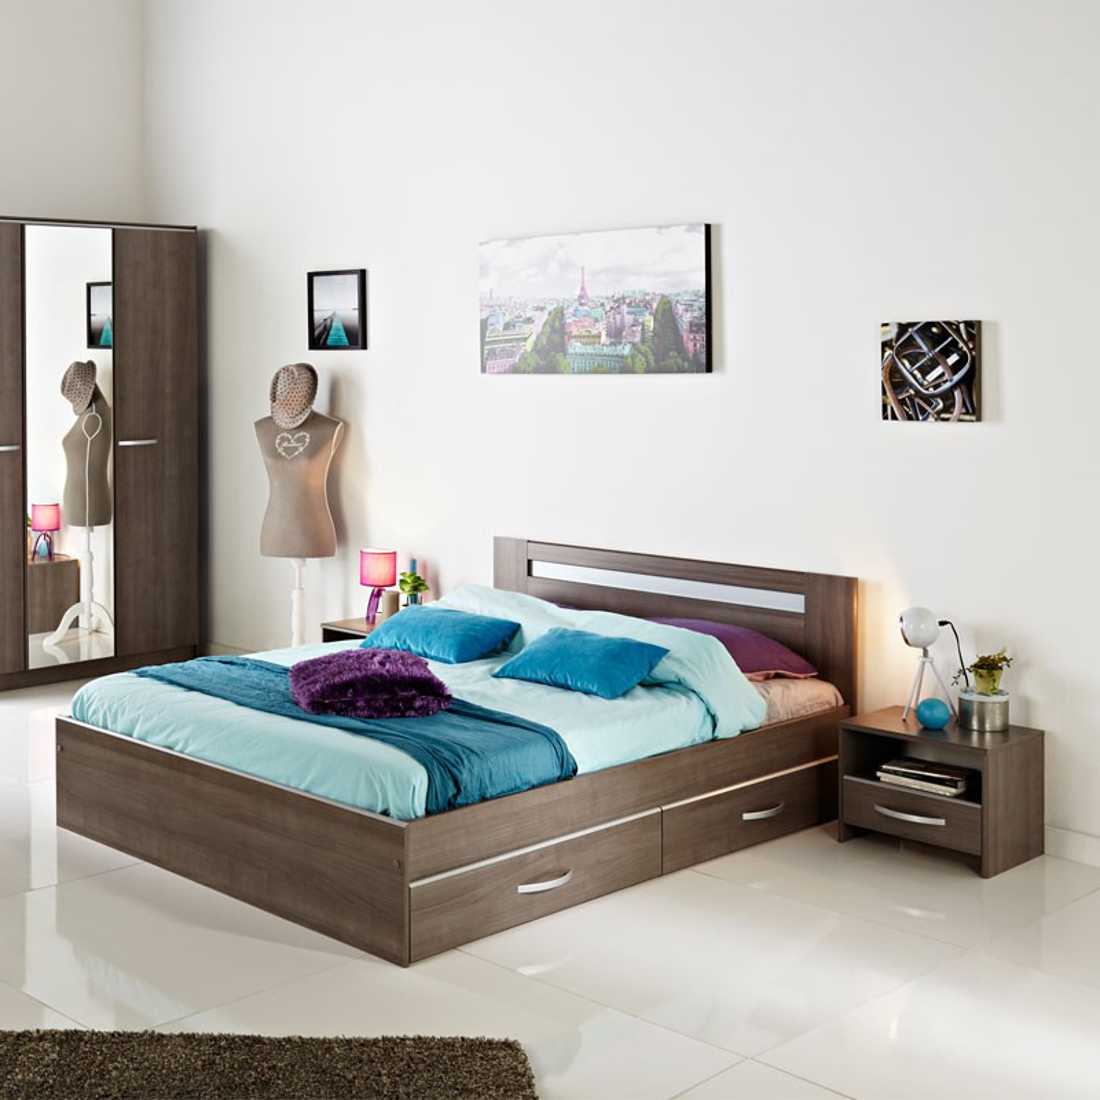 cadre de lit tiroirs t te de lit 160 200 evy univers chambre. Black Bedroom Furniture Sets. Home Design Ideas